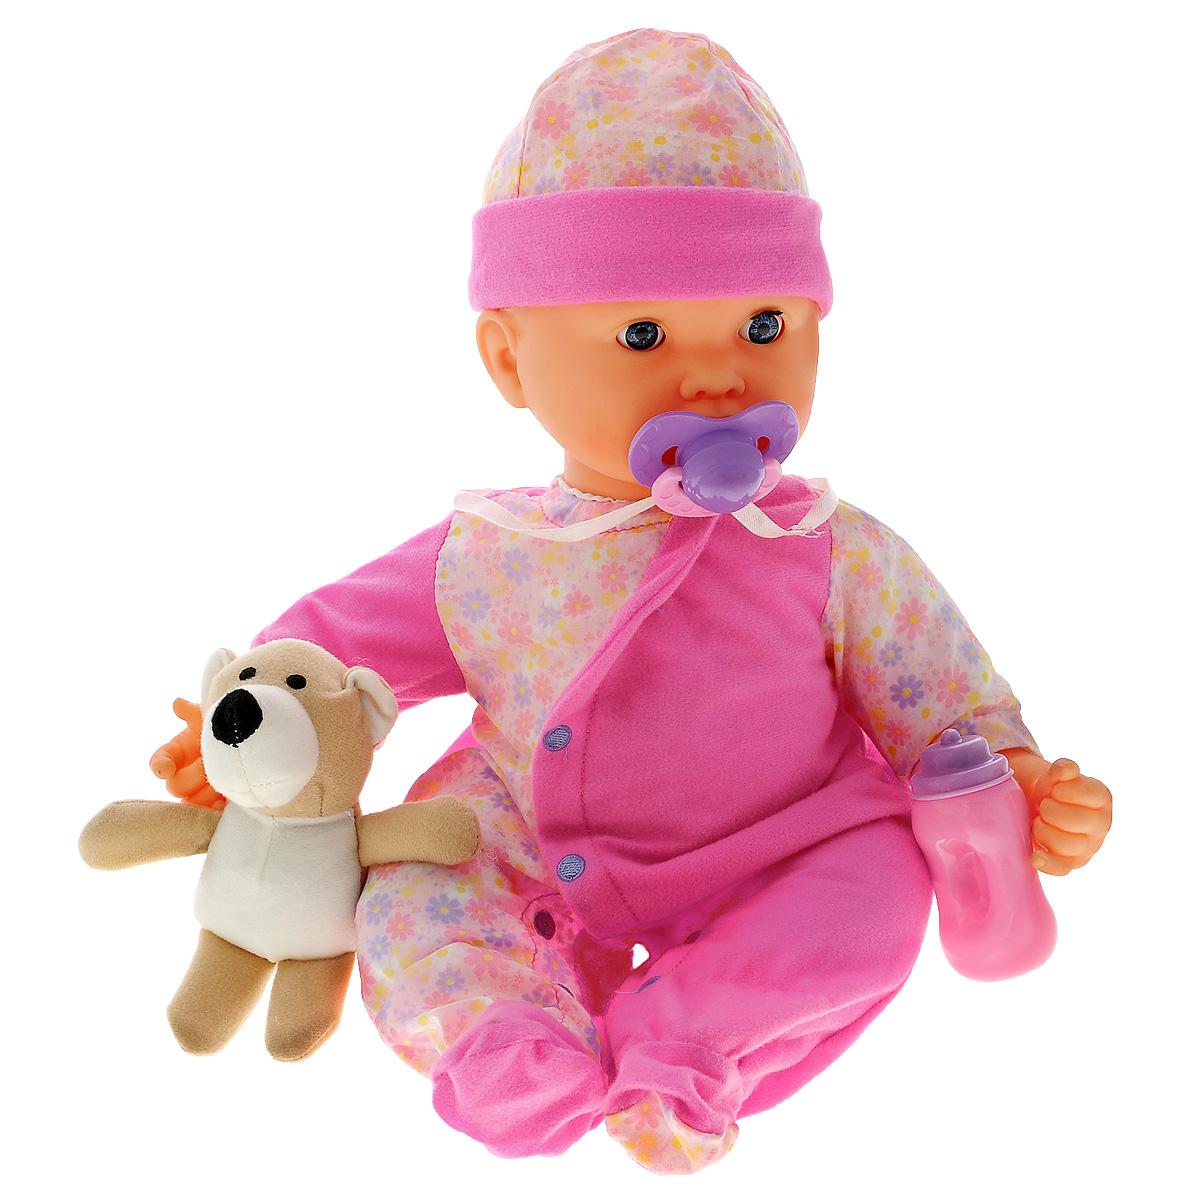 Joy Toy Пупс Мила. Сон с медвежонкомG589-H43115Девочки очень любят подражать мамам, поэтому им нужен собственный малыш, которого можно кормить, поить и укладывать спать. Его роль сможет выполнить Пупс Мила. Сон с медвежонком. Кукла смеется при подкидывании, пьет из бутылочки и сосет соску, причмокивая, спит, как настоящий младенец. Если кукле дать медвежонка, то она уснет. Пупс одет в розовый комбинезончик и шапочку В комплекте: кукла, бутылочка, мишка и соска на ленточке. Для работы игрушки необходимы 3 батарейки напряжением 1,5V типа АА (входят в комплект).